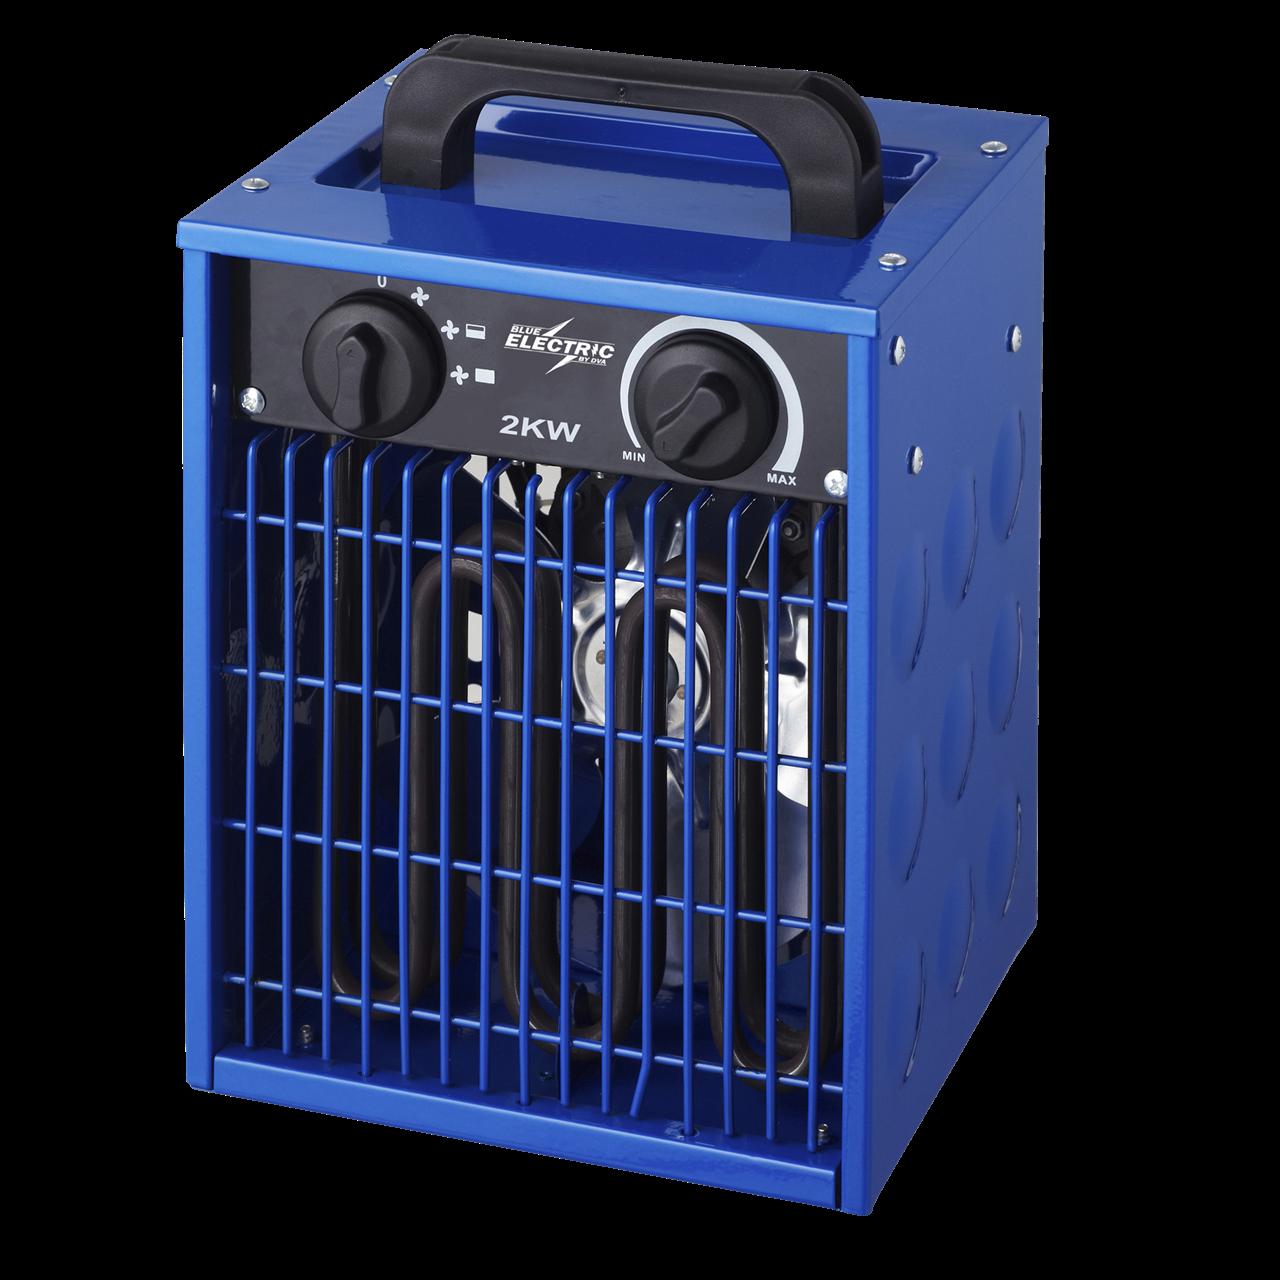 Køb BLUE ELECTRIC varmeblæser 2kW 230V